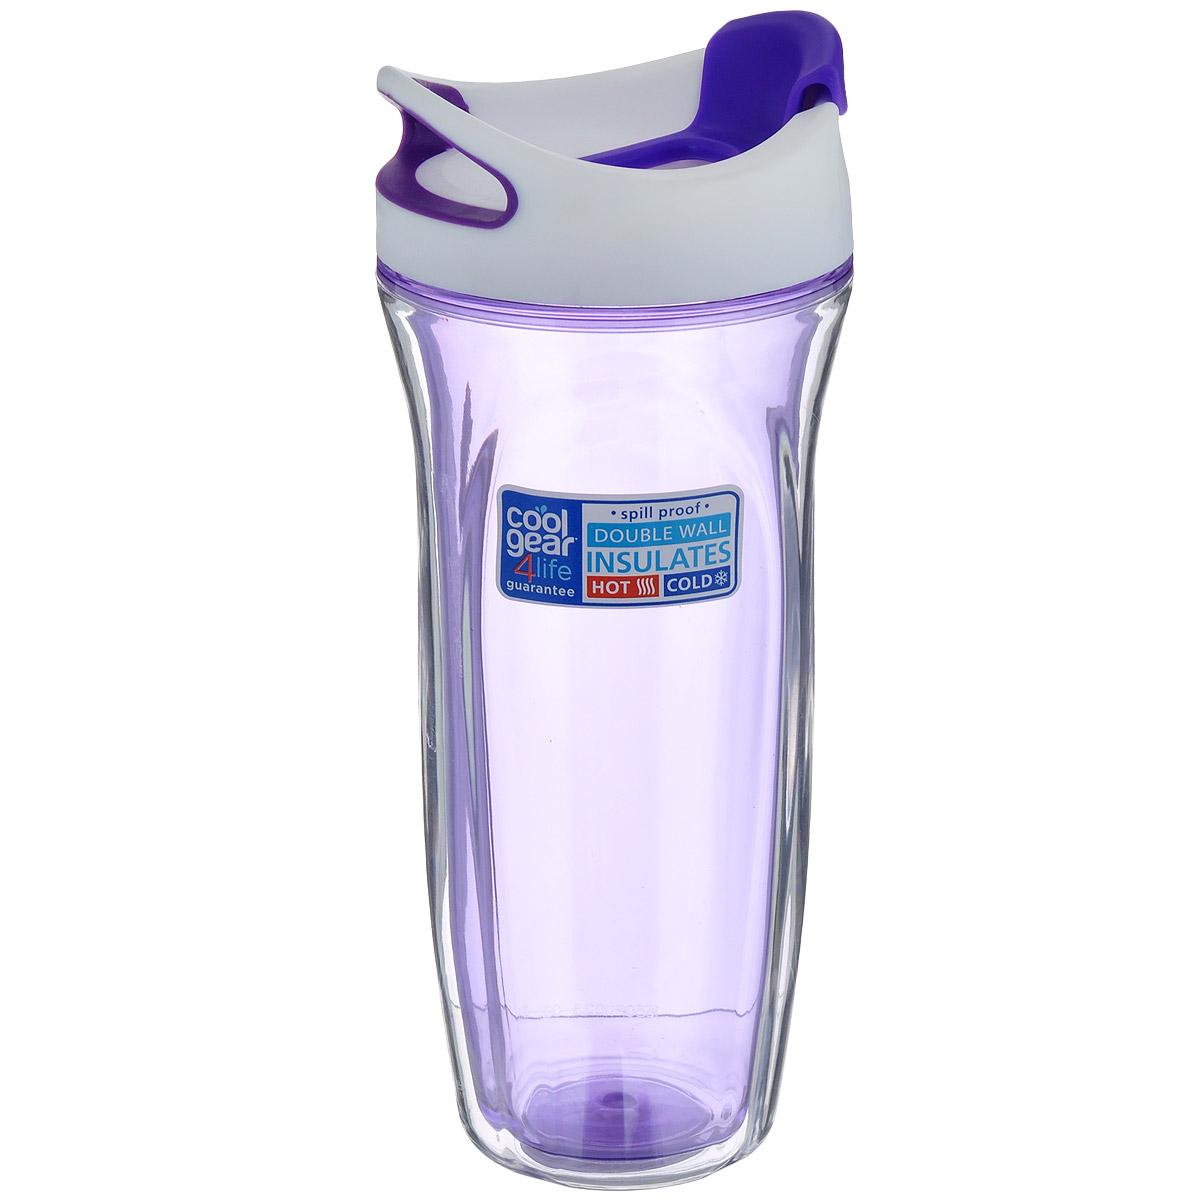 Кружка дорожная Cool Gear Vortex, для горячих напитков, цвет: фиолетовый, 660 мл. 16501650Дорожная кружка Cool Gear Vortex изготовлена из высококачественного BPA-free пластика, не содержащего токсичных веществ. Двойные стенки дольше сохраняют напиток горячим и не обжигают руки. Надежная закручивающаяся крышка с защитой от проливания обеспечит дополнительную безопасность. Крышка оснащена клапаном для питья. Оптимальный объем позволит взять с собой большую порцию горячего кофе или чая. Идеально подходит для холодных напитков. Оригинальный дизайн, яркие, жизнерадостные цвета и эргономичная форма превращают кружку в стильный и функциональный аксессуар. Кружка идеальна для ежедневного использования. Она станет вашим неотъемлемым спутником в длительных поездках или занятиях зимними видами спорта. Не рекомендуется использовать в микроволновой печи и мыть в посудомоечной машине. Диаметр кружки (по верхнему краю): 8,5 см. Высота кружки (с учетом крышки): 23 см.